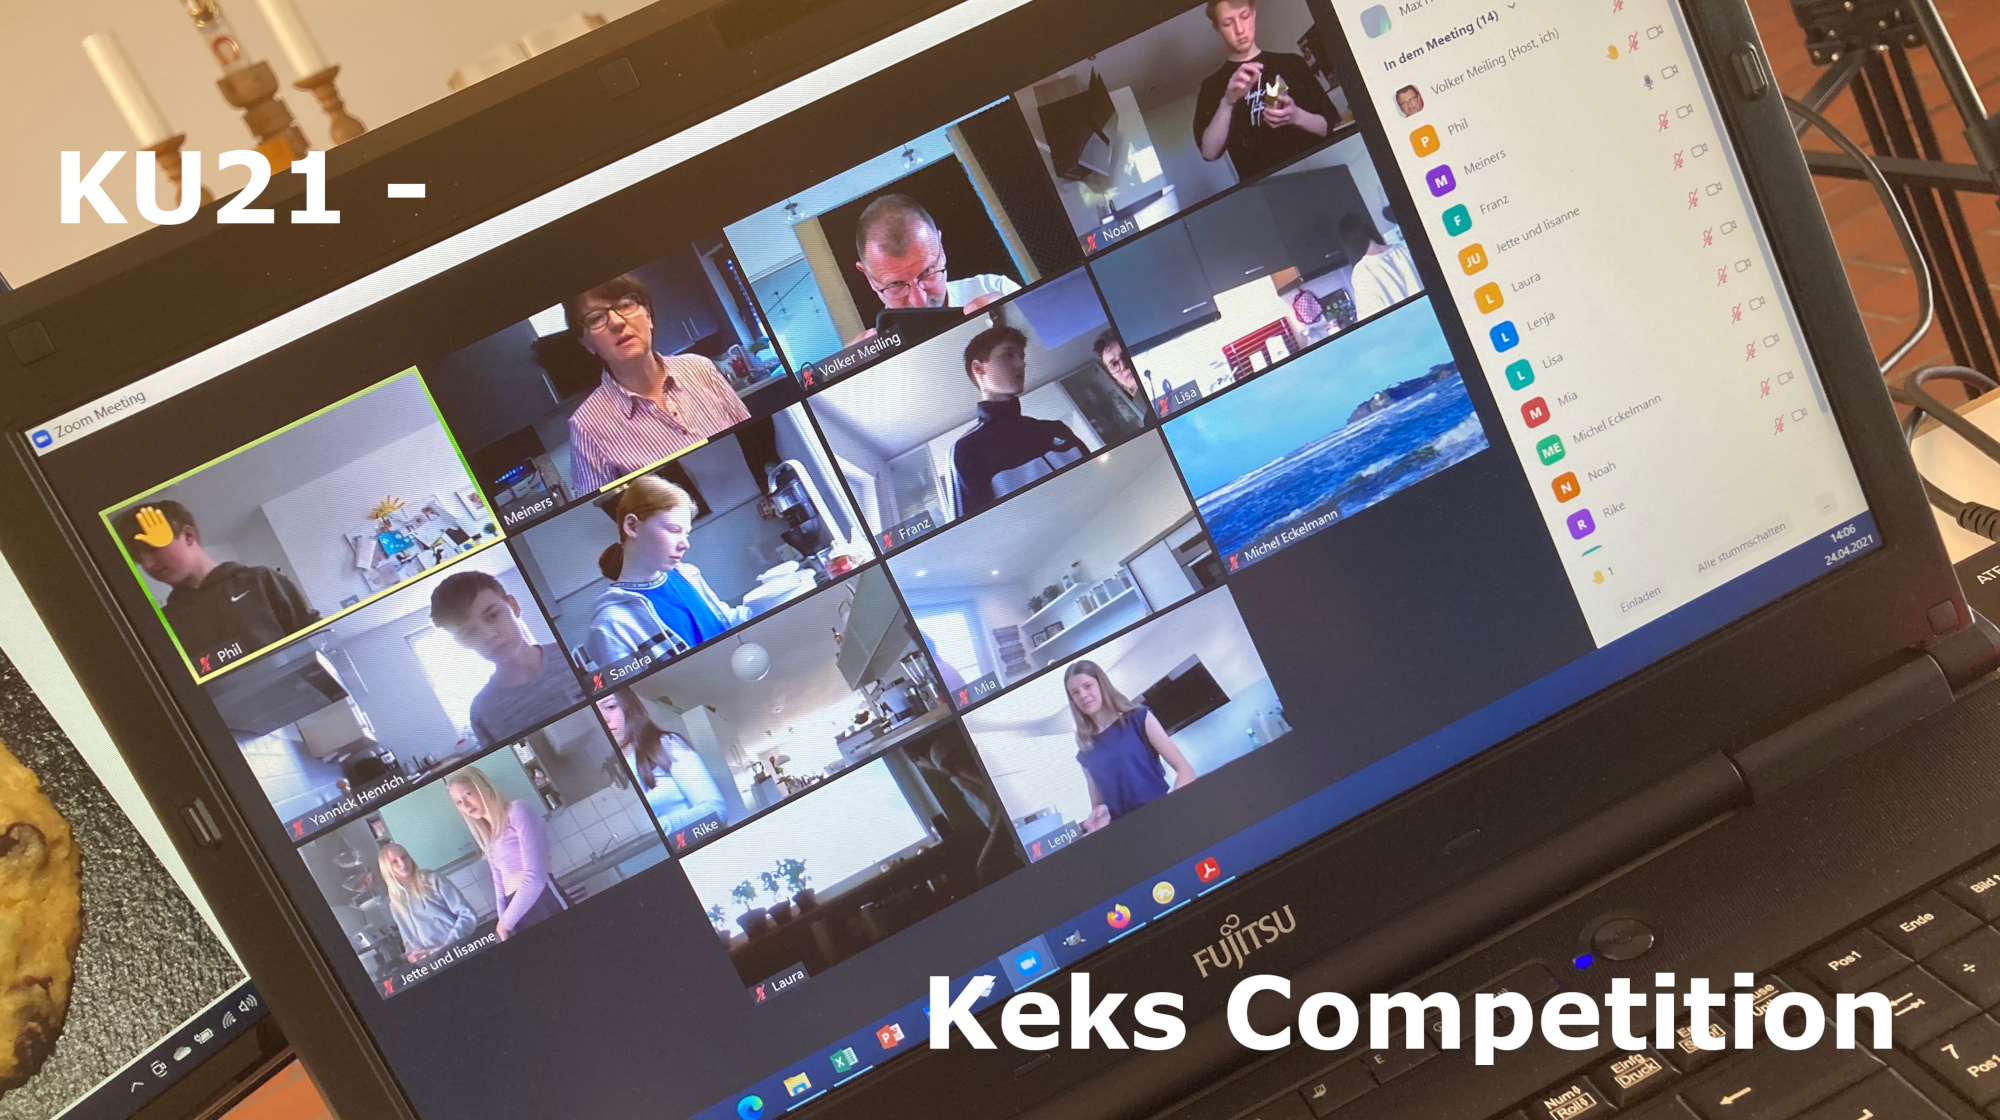 KU21 – Keks Competition